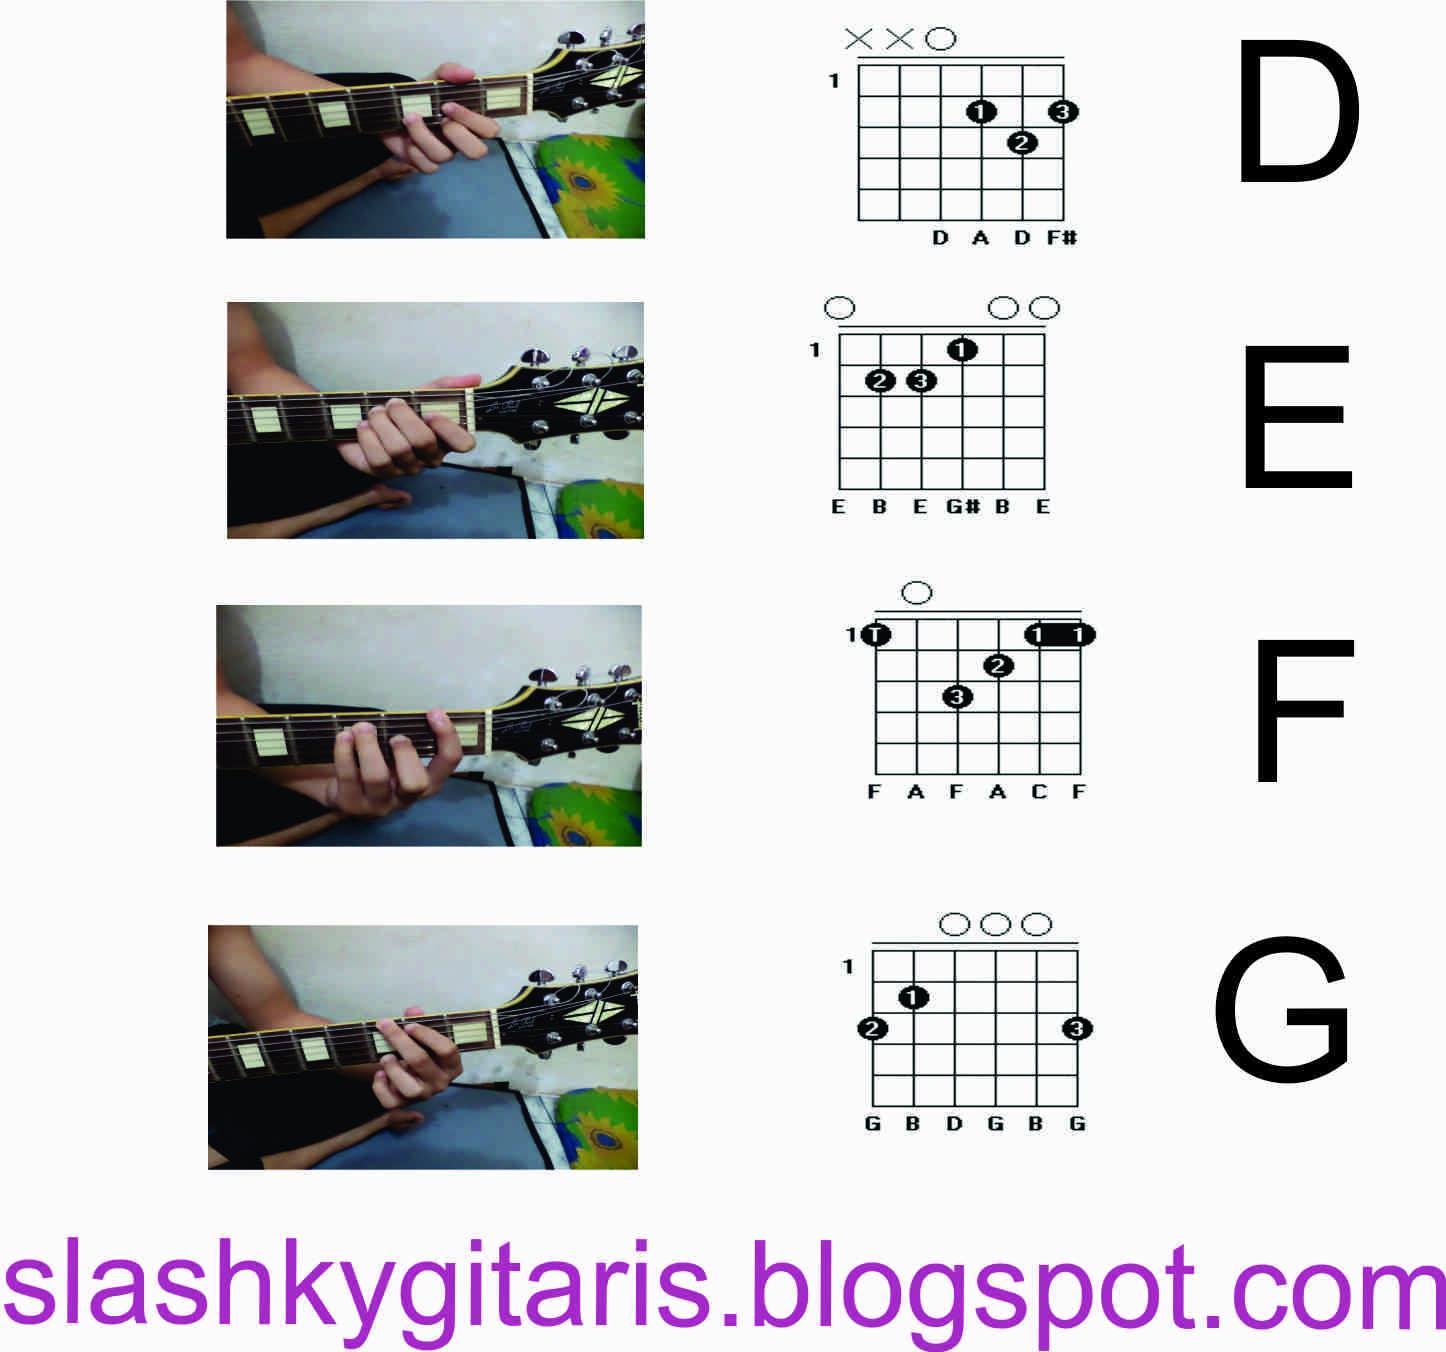 Belajar Chord Gitar Dengan Gambar Bagi Pemula (Part 1